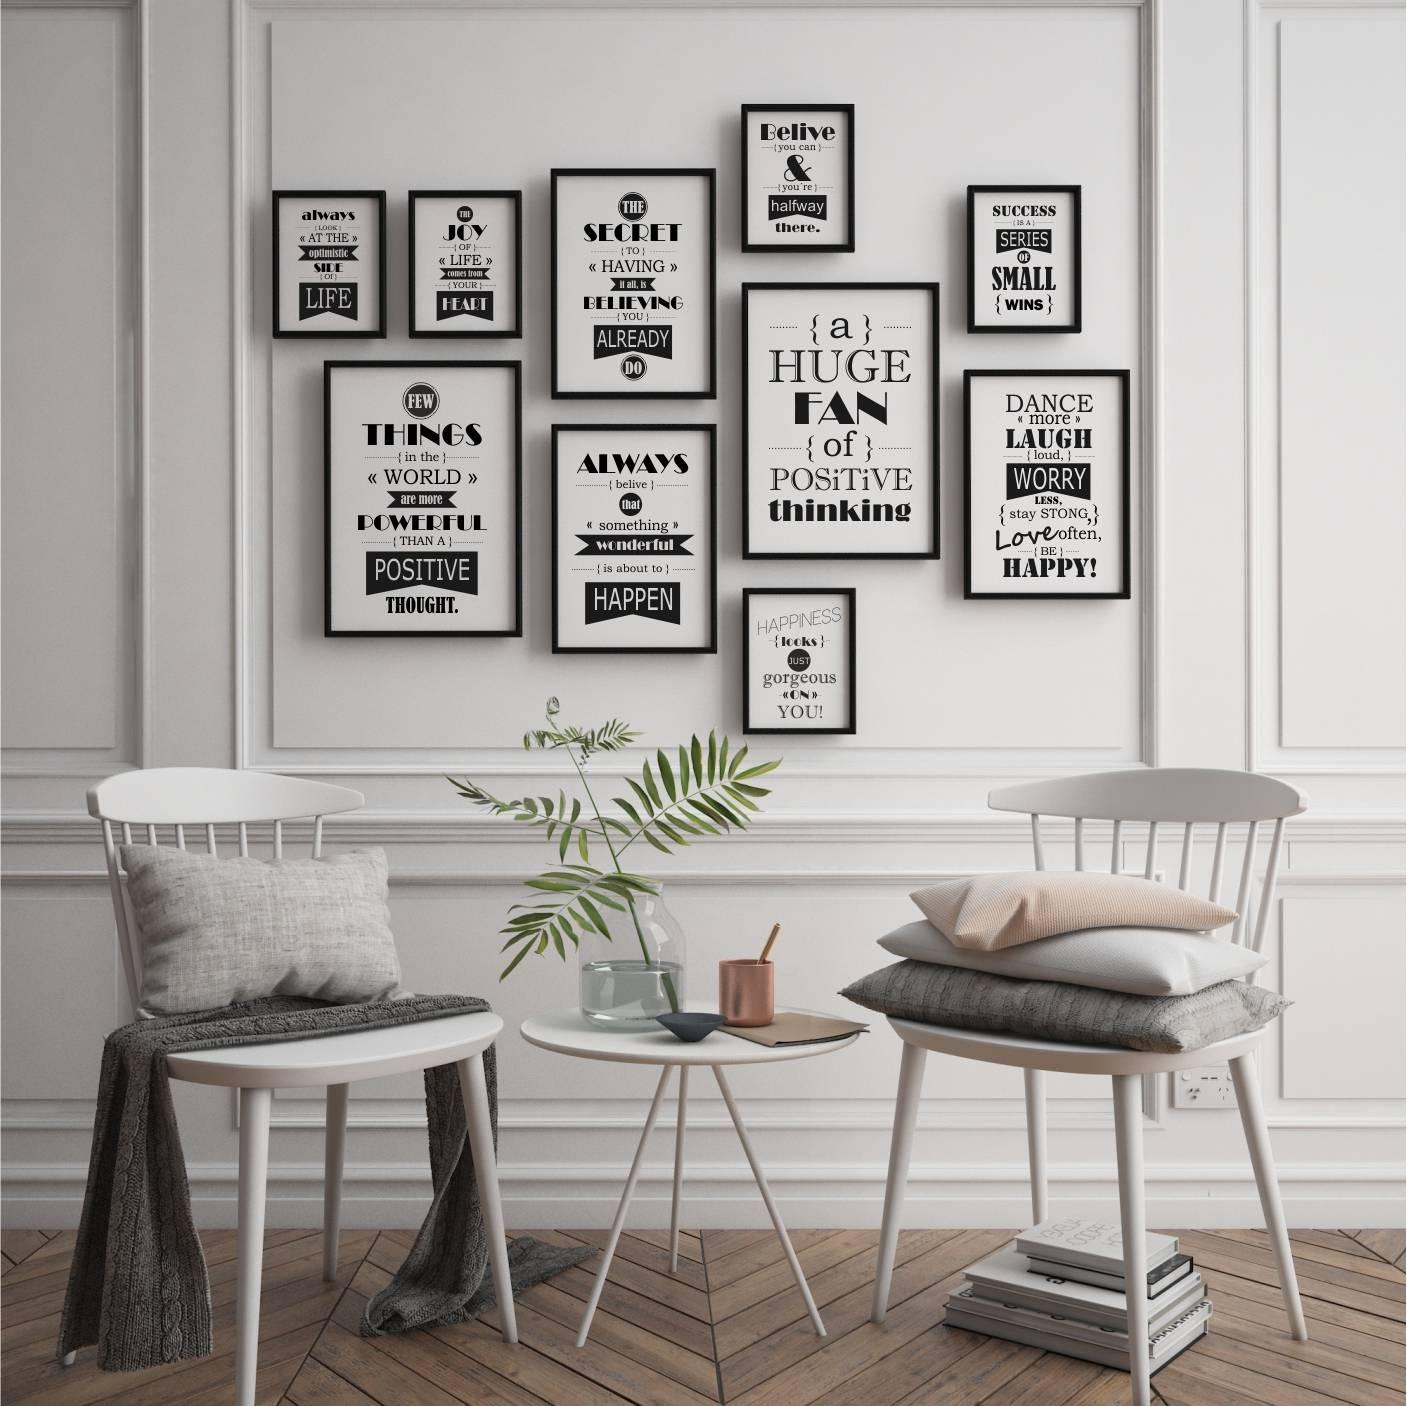 Printables - digitale Druckdateien - Bilder zum Selberdrucken